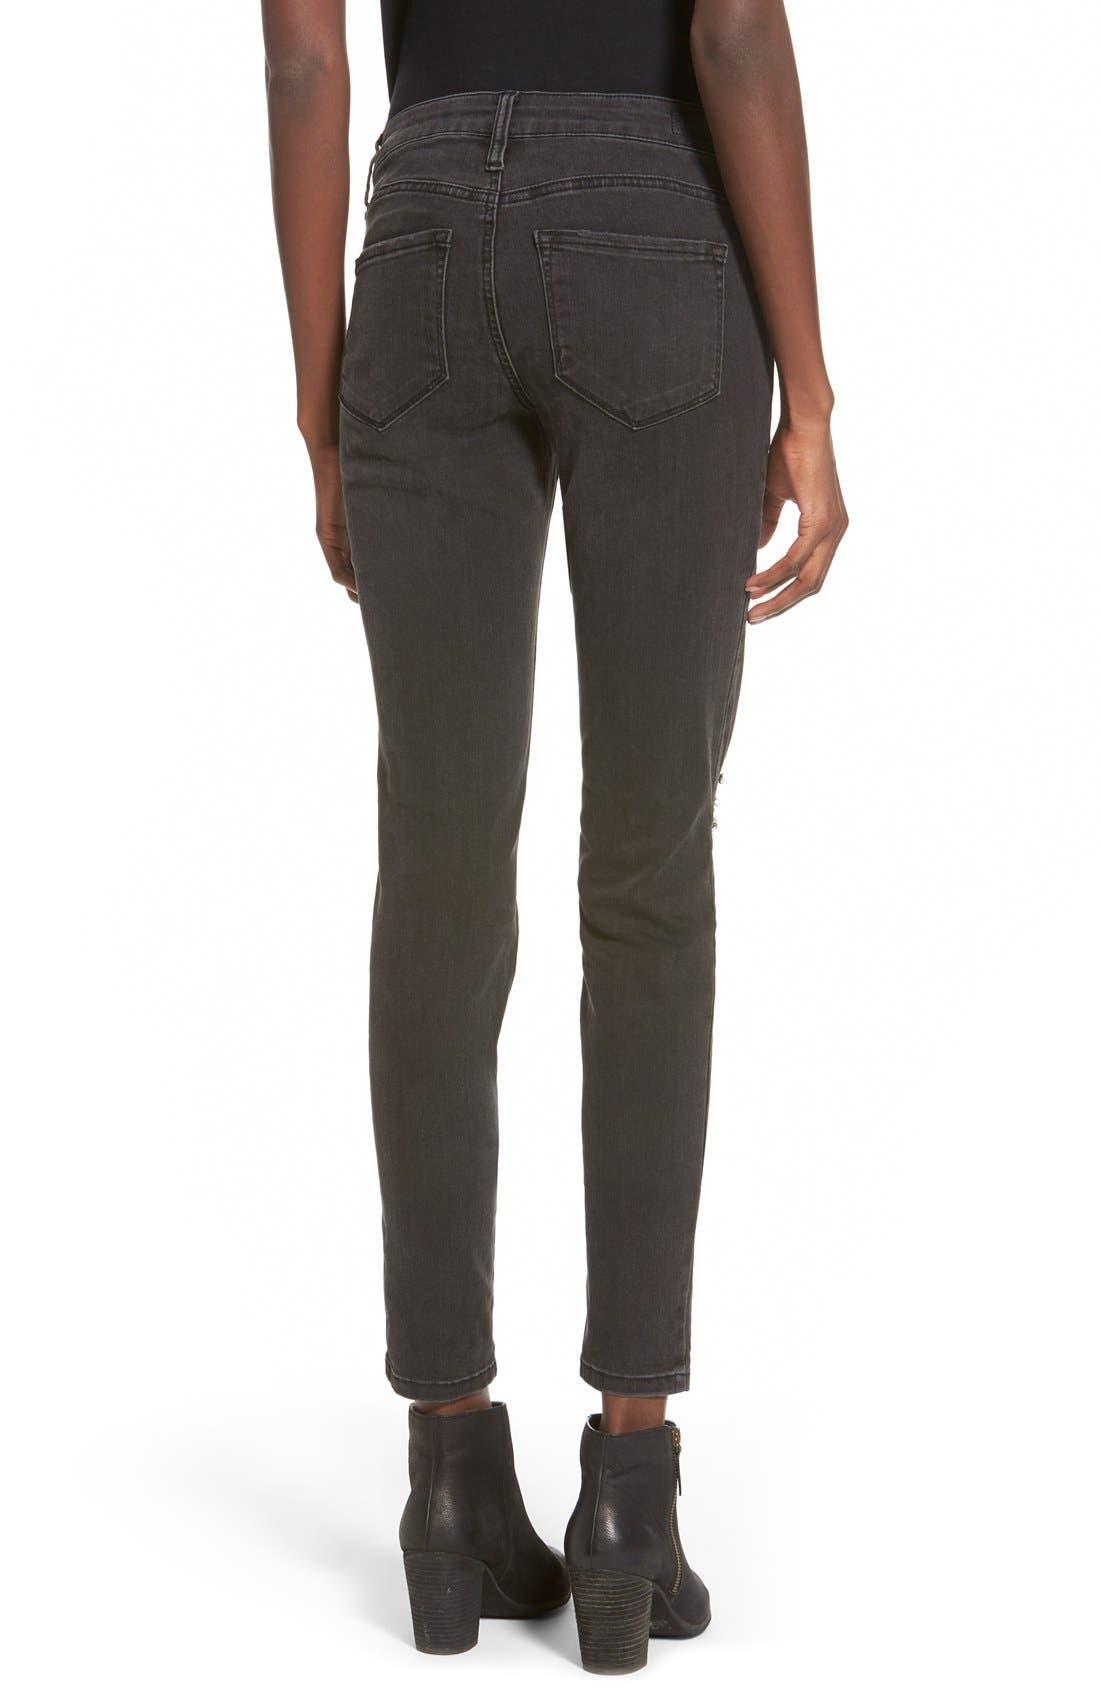 Alternate Image 2  - STSBlue 'Piper' Destroyed Skinny Jeans (Black)